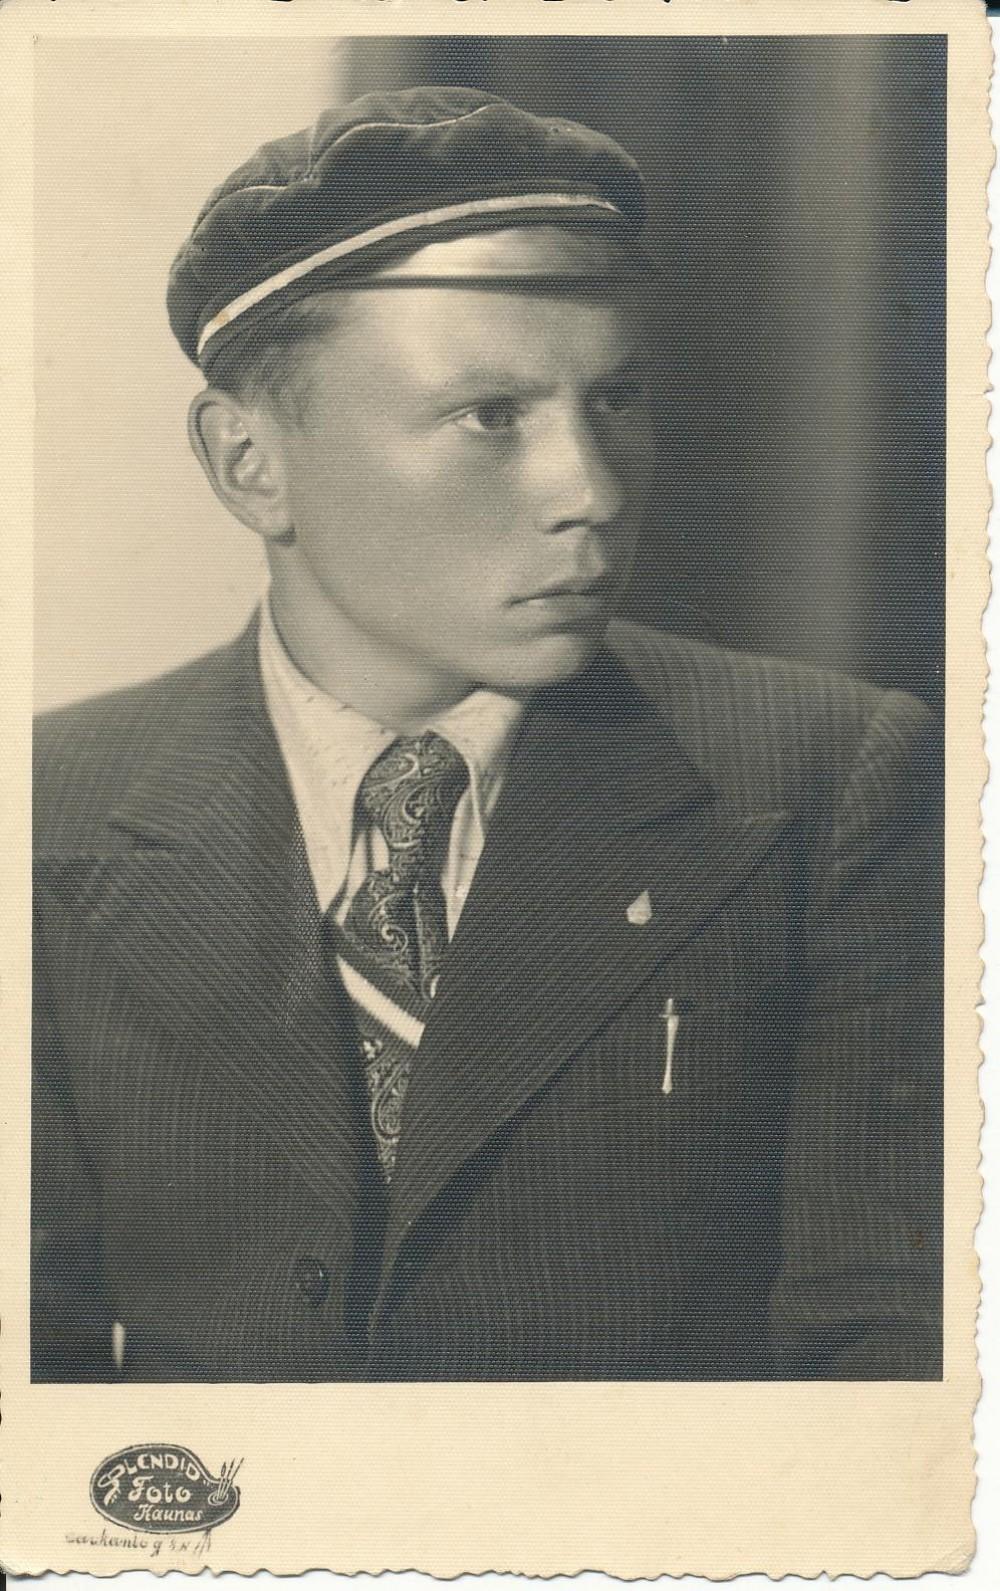 K. Bradūnas – Vytauto Didžiojo universiteto studentas. Kaunas. 1939 m.